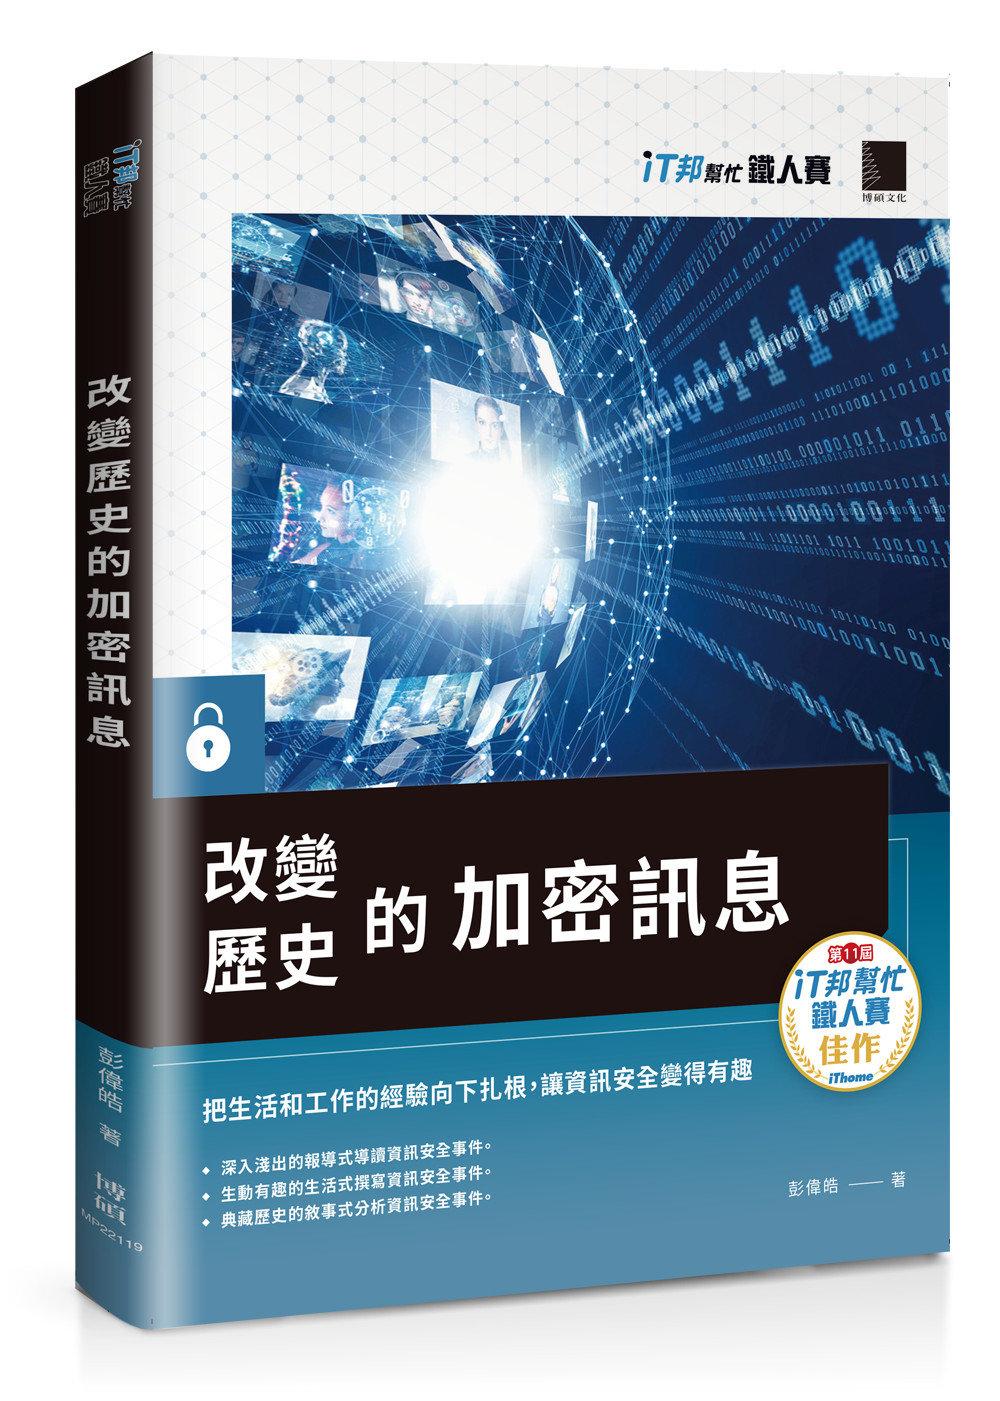 改變歷史的加密訊息 (iT邦幫忙鐵人賽系列書)-preview-1